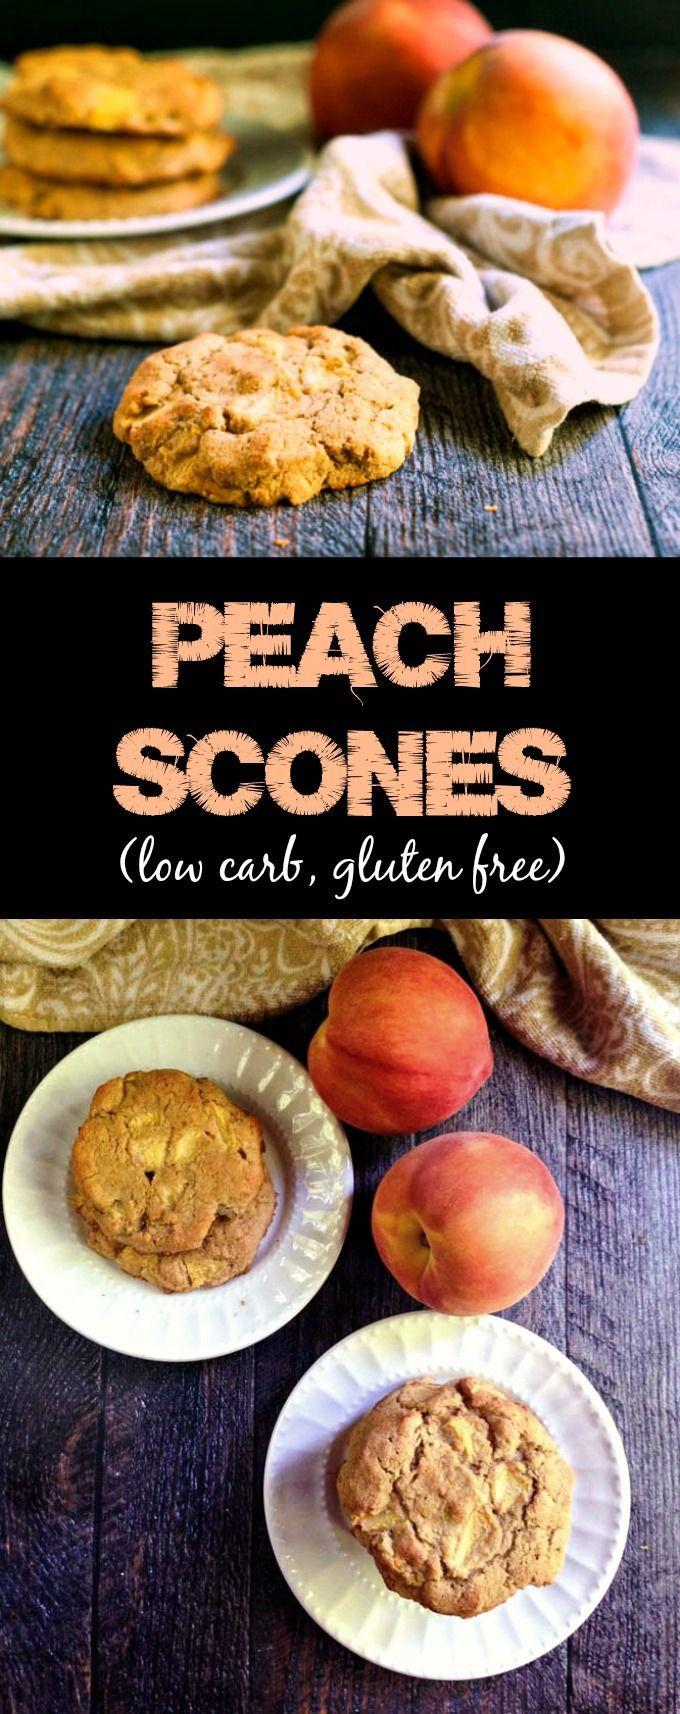 Peach Scones (gluten free, low carb)